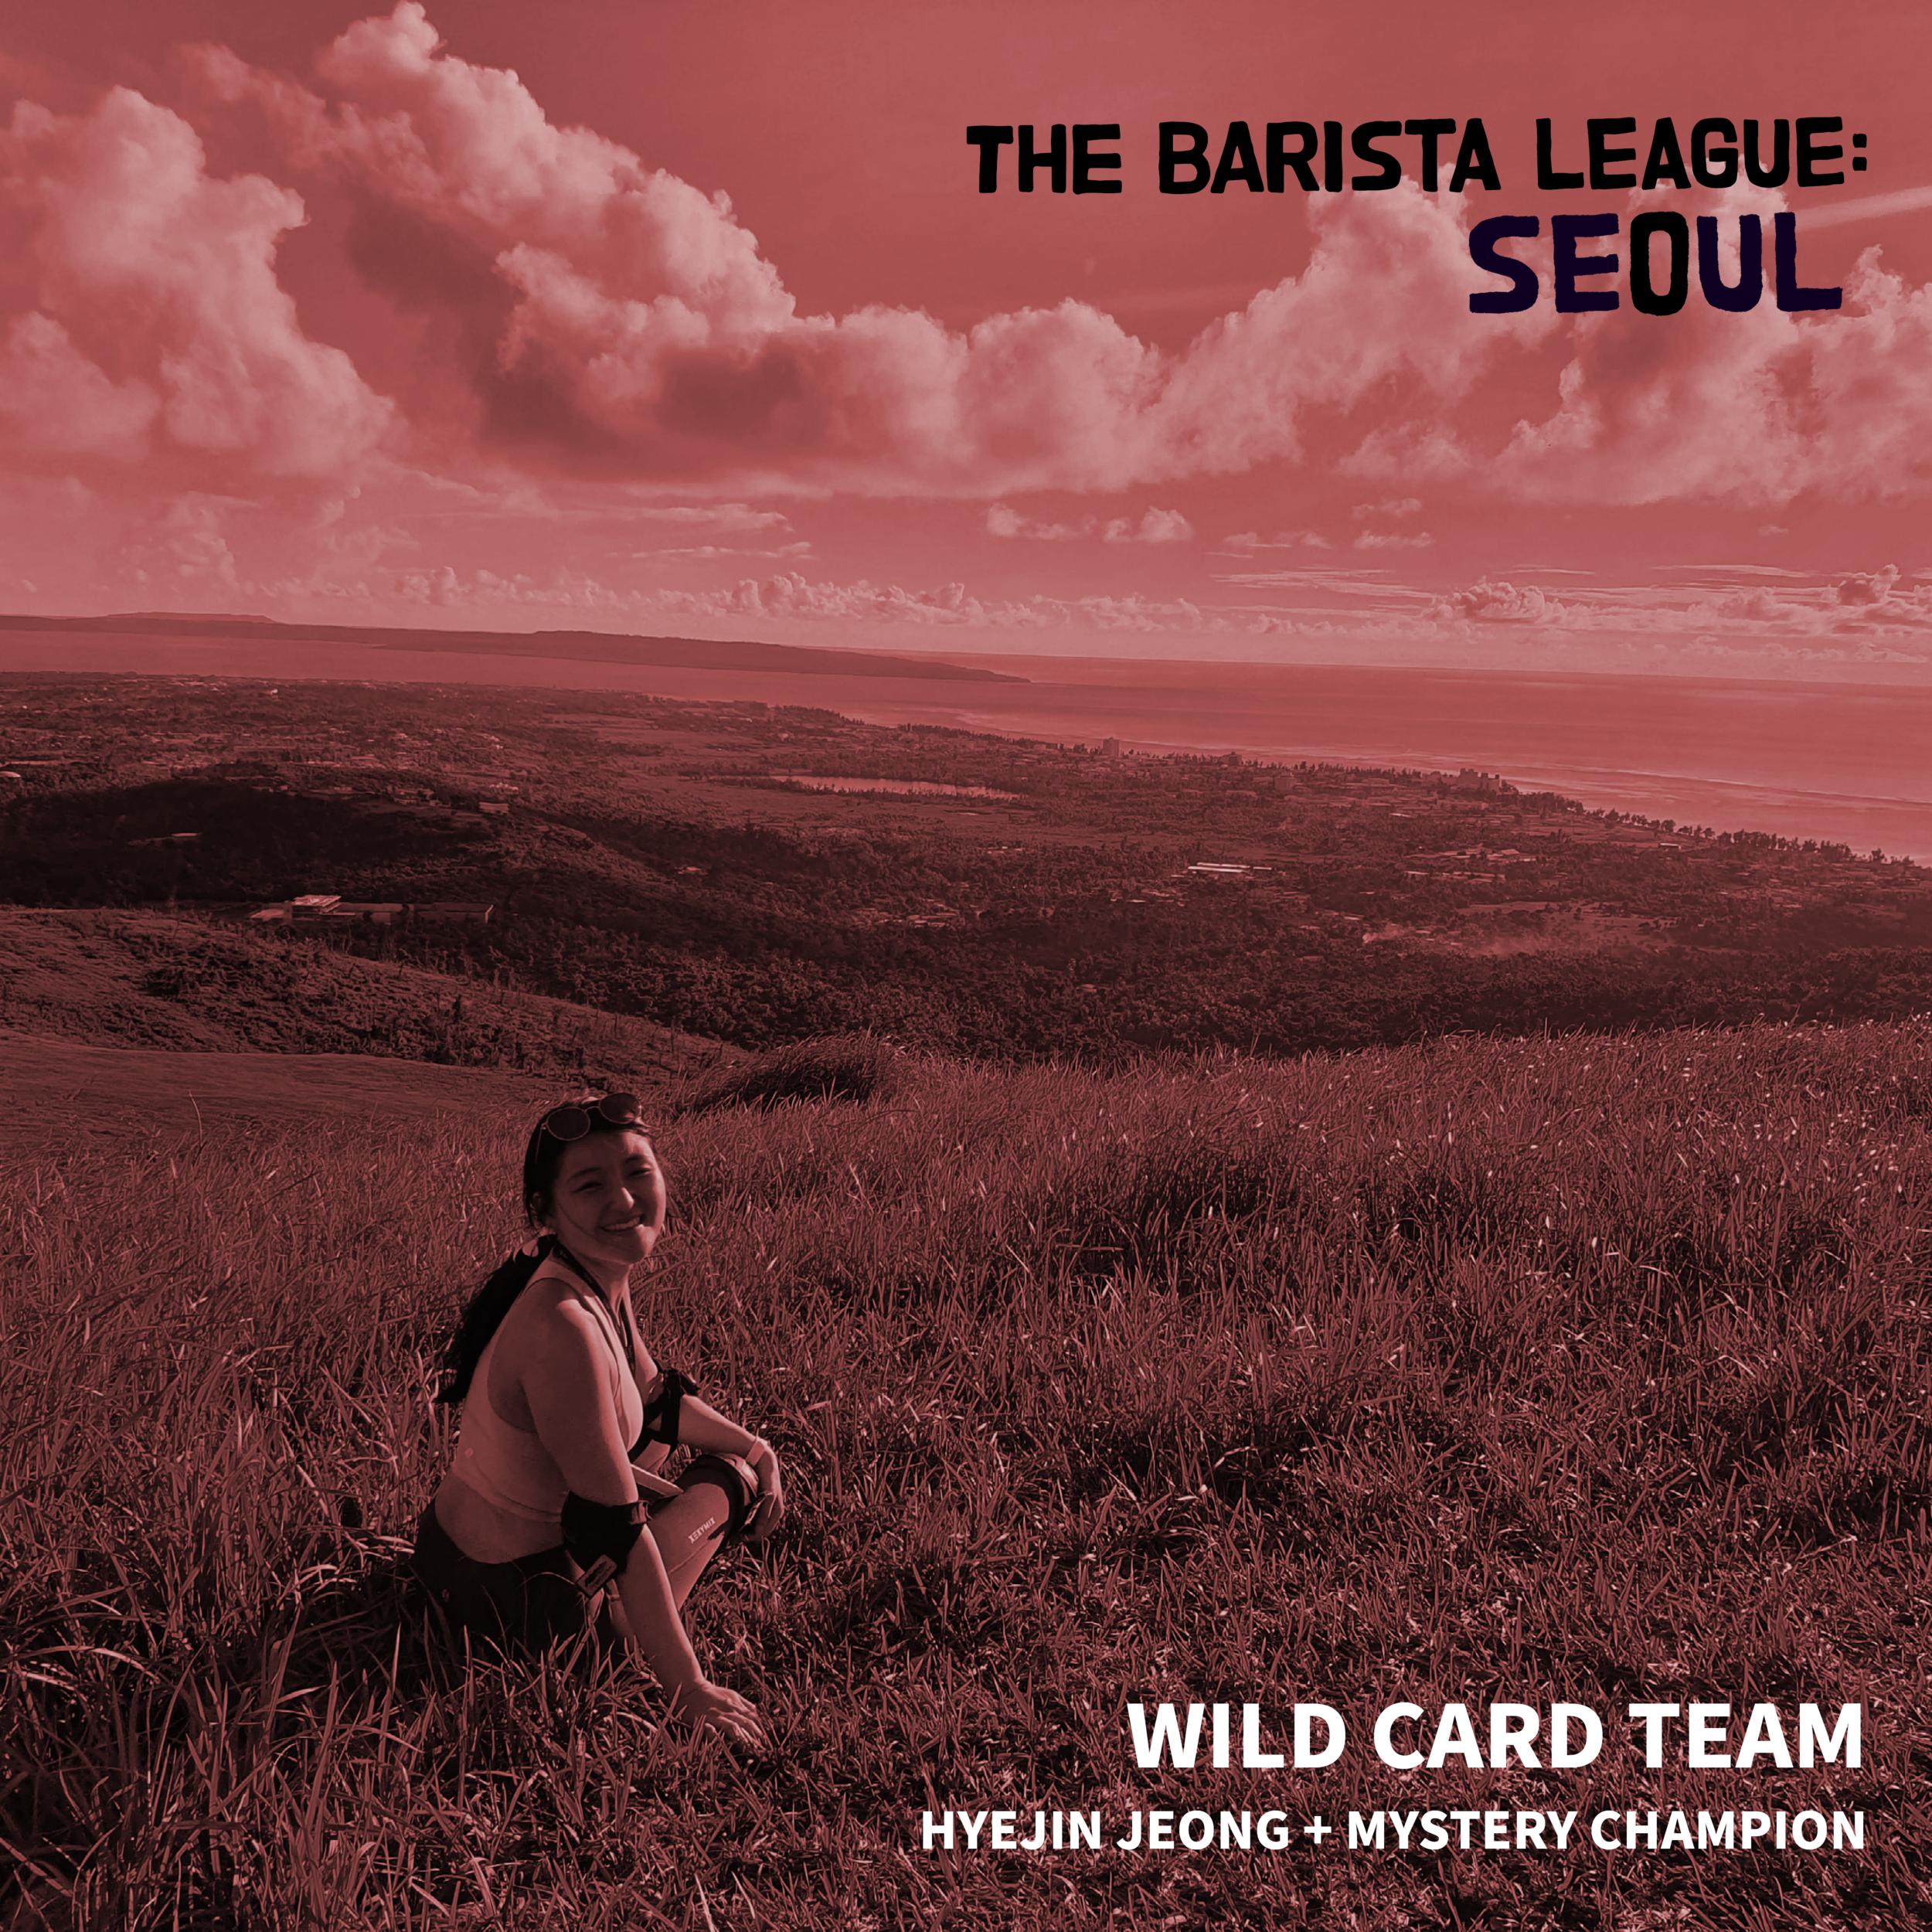 WILD CARD - HYEJIN JEONG